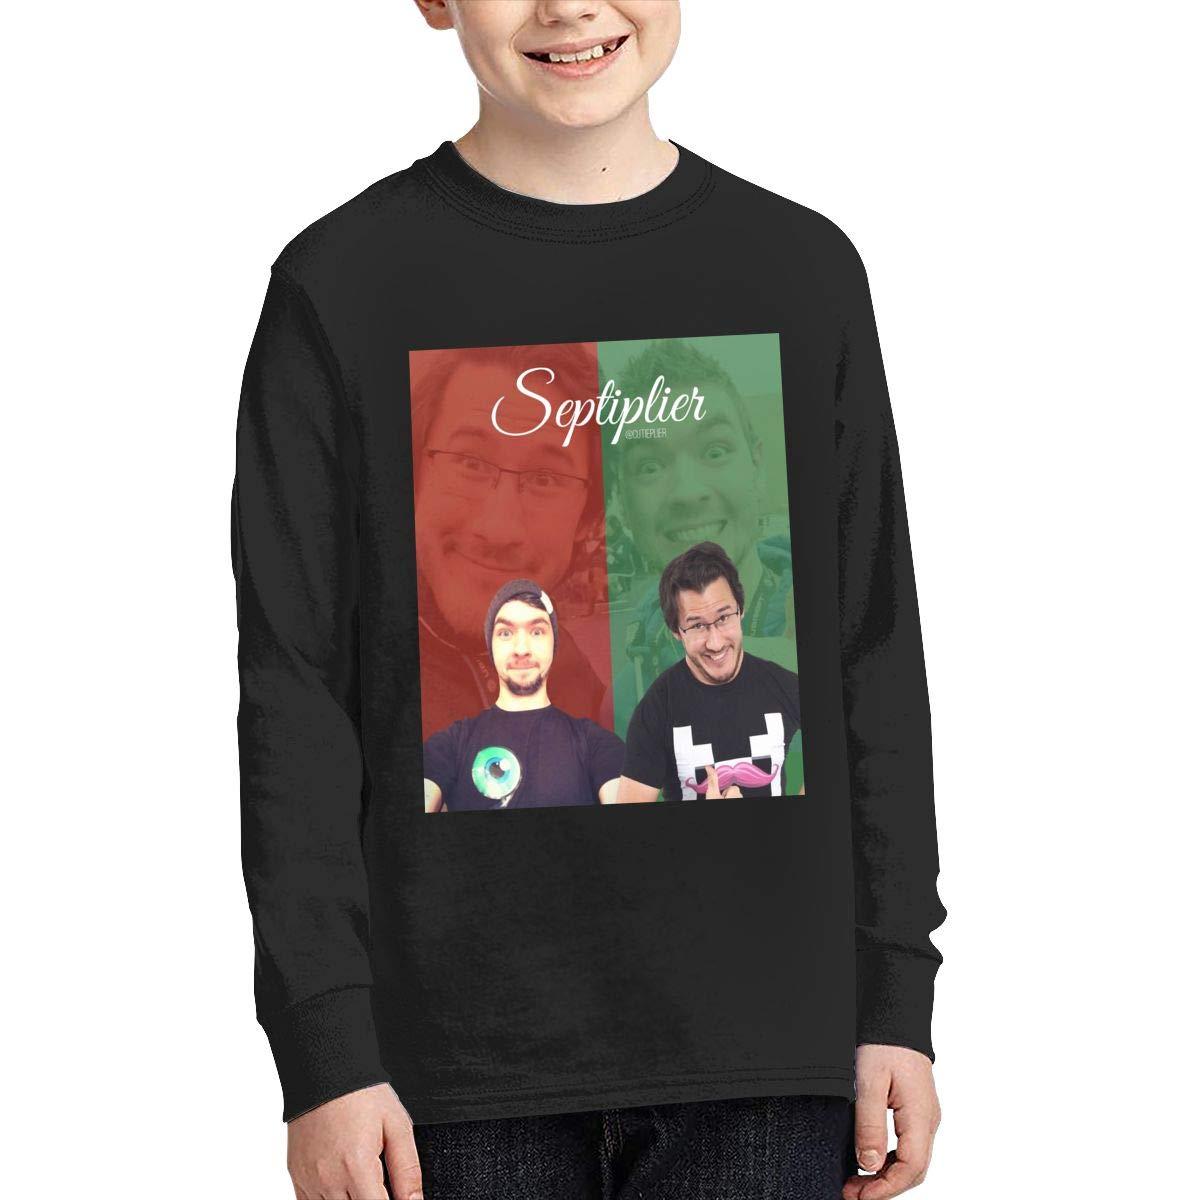 RhteGui Pewdiepie Vs Markiplier Vs Jacksepticeye Boys /& Girls Junior Vintage Long Sleeve T-Shirt Black